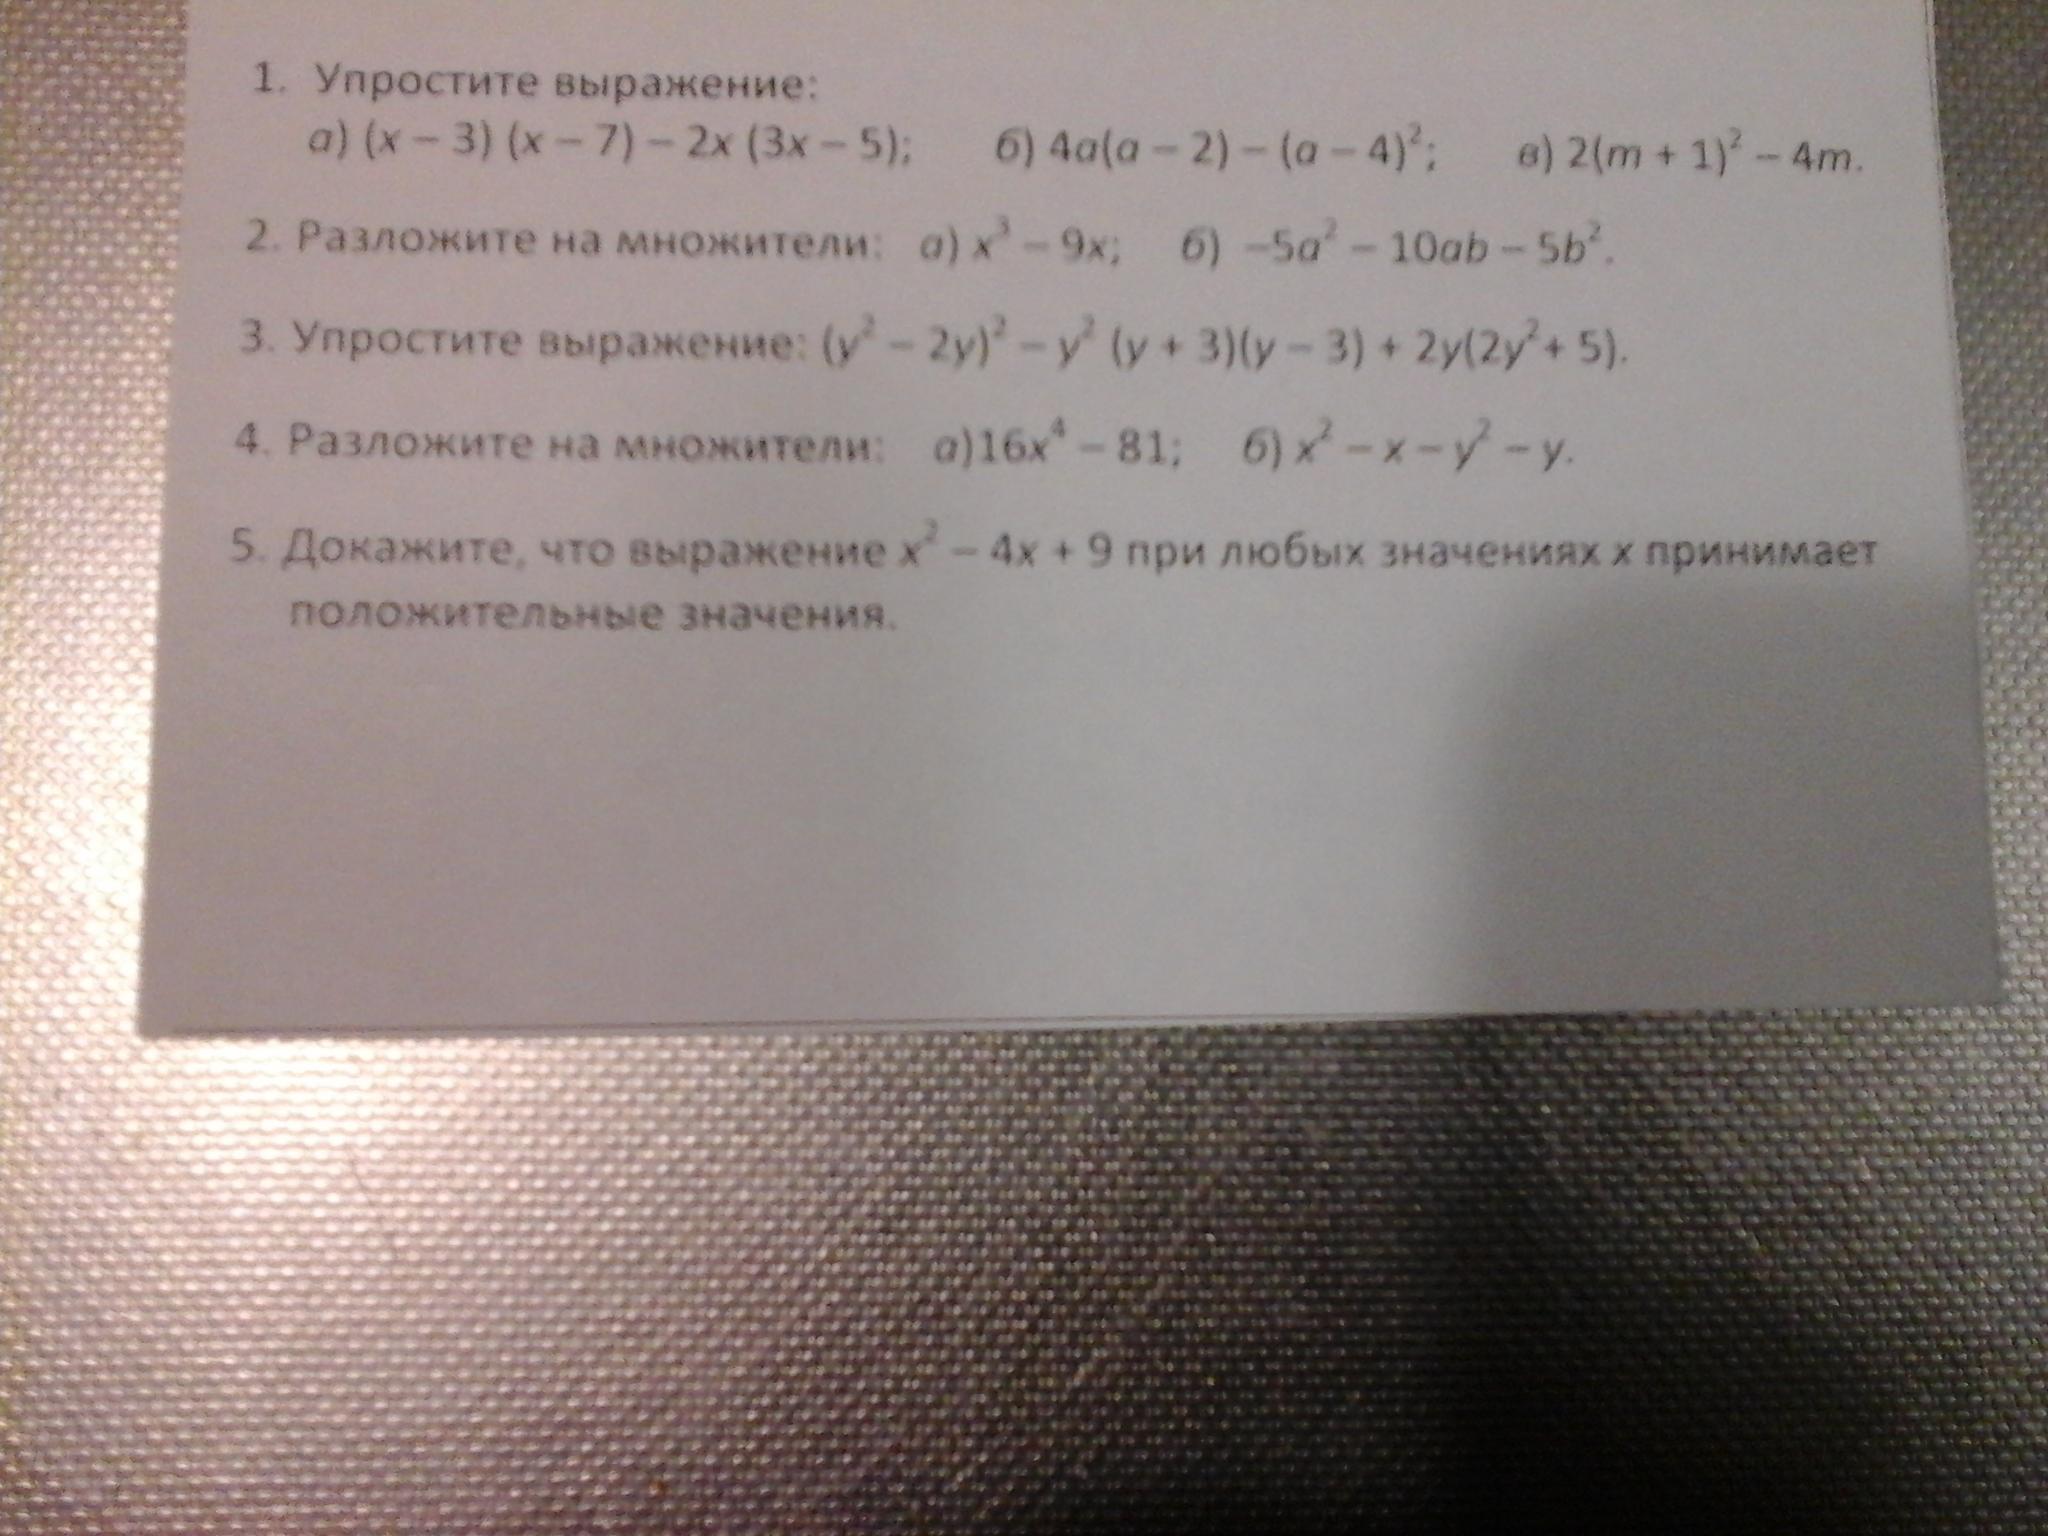 Помогите пожалуйста решить 1 и 2 задание?